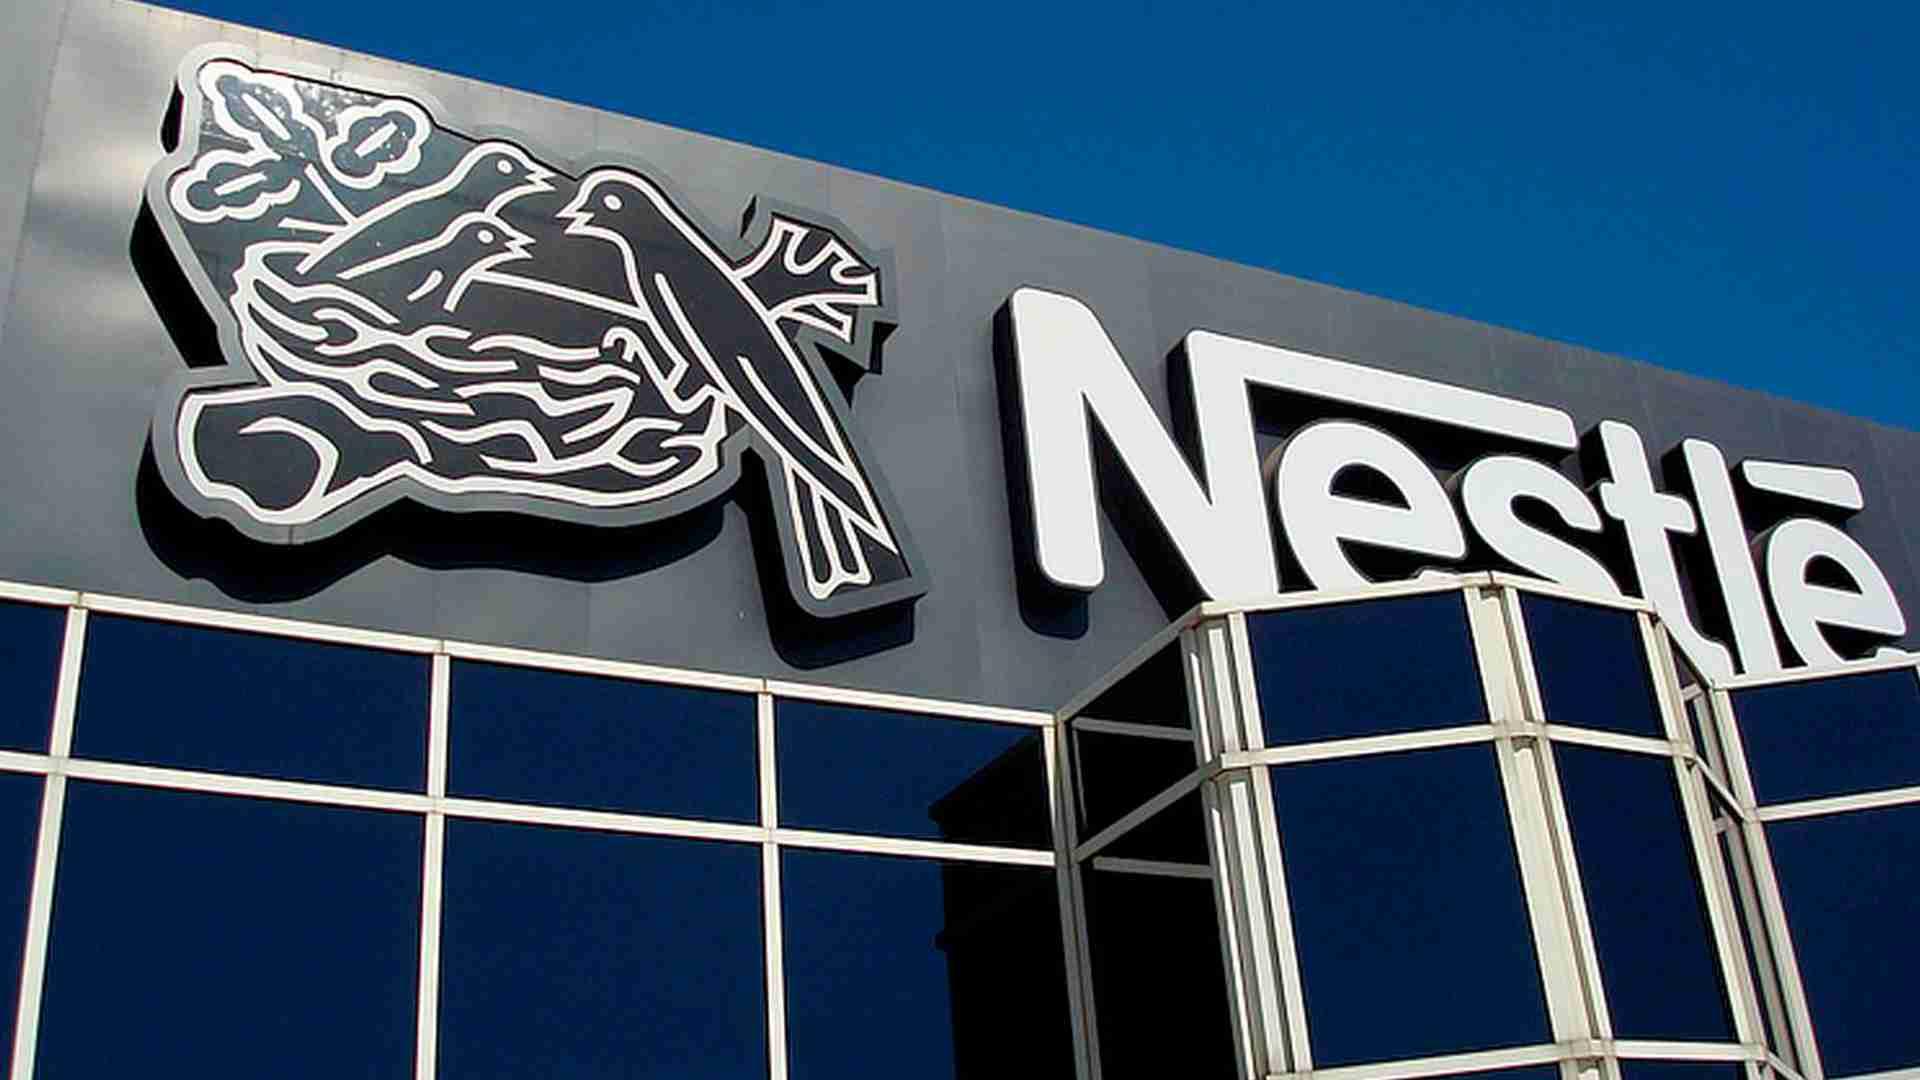 Que la nueva planta Nestlé compre café sólo a los veracruzanos: Alfredo Moisés Ceja